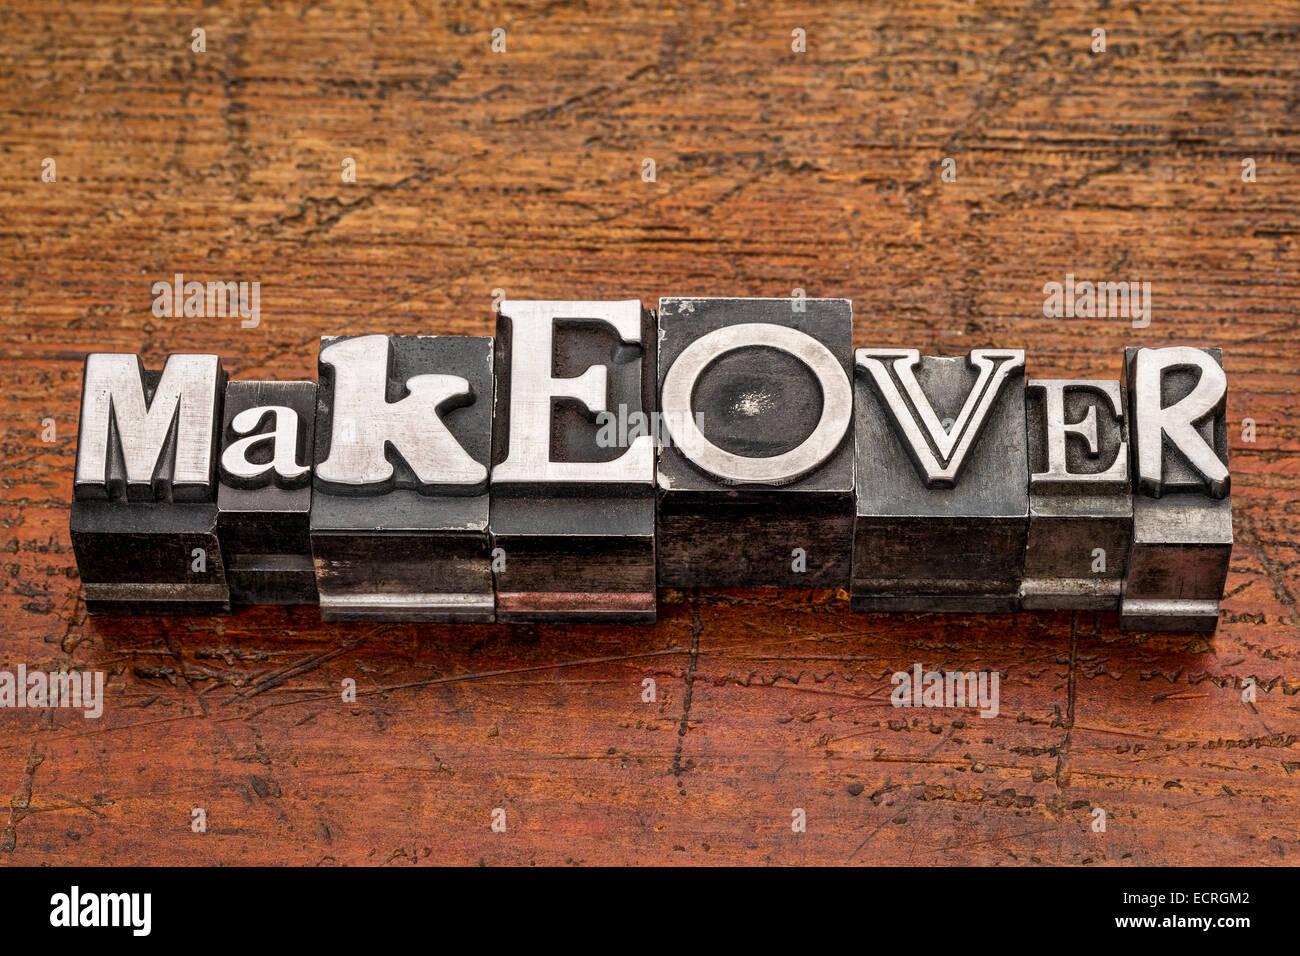 Verjüngungskur Wort in Vintage Metall Mischtyp Druckstöcke über Grunge Holz Stockbild